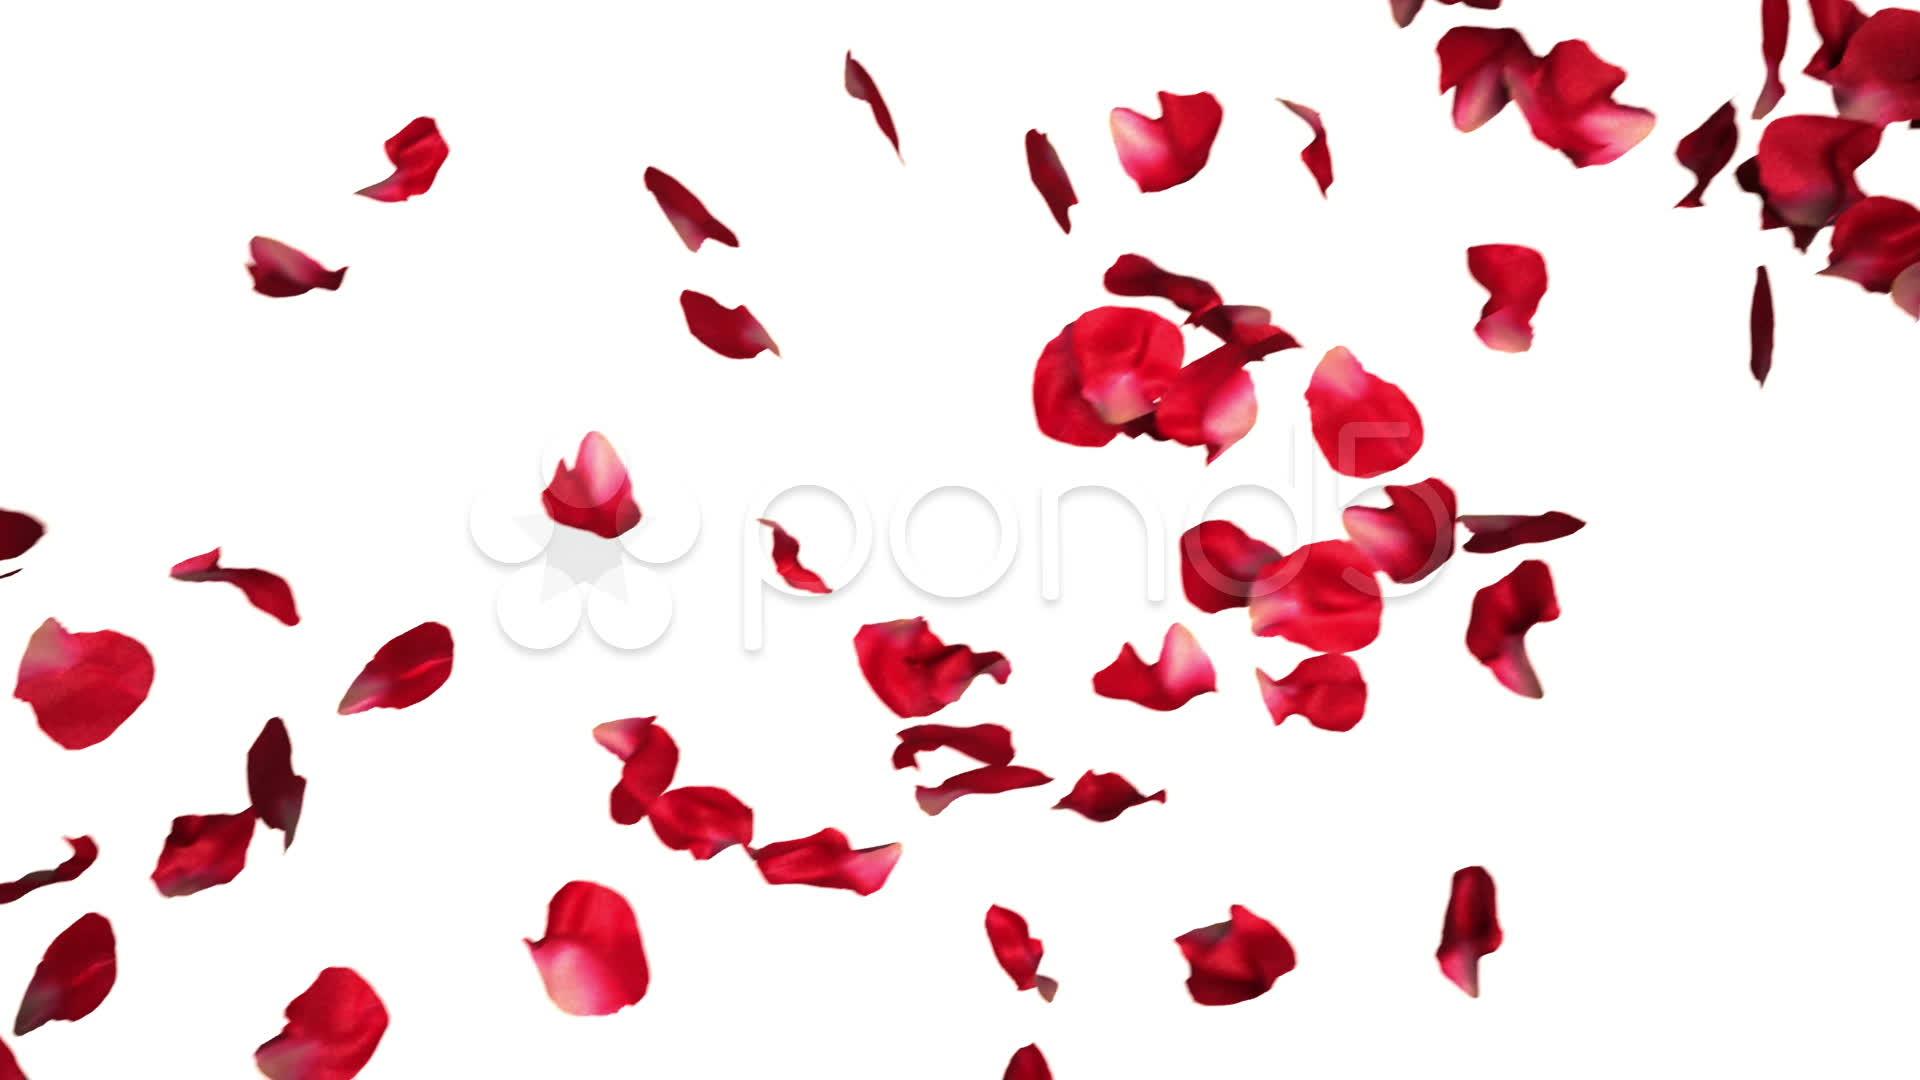 Rose Petals Falling Wallpaper Transparent Gif 10 Falling Rose Petal Psd Images Falling Rose Petals